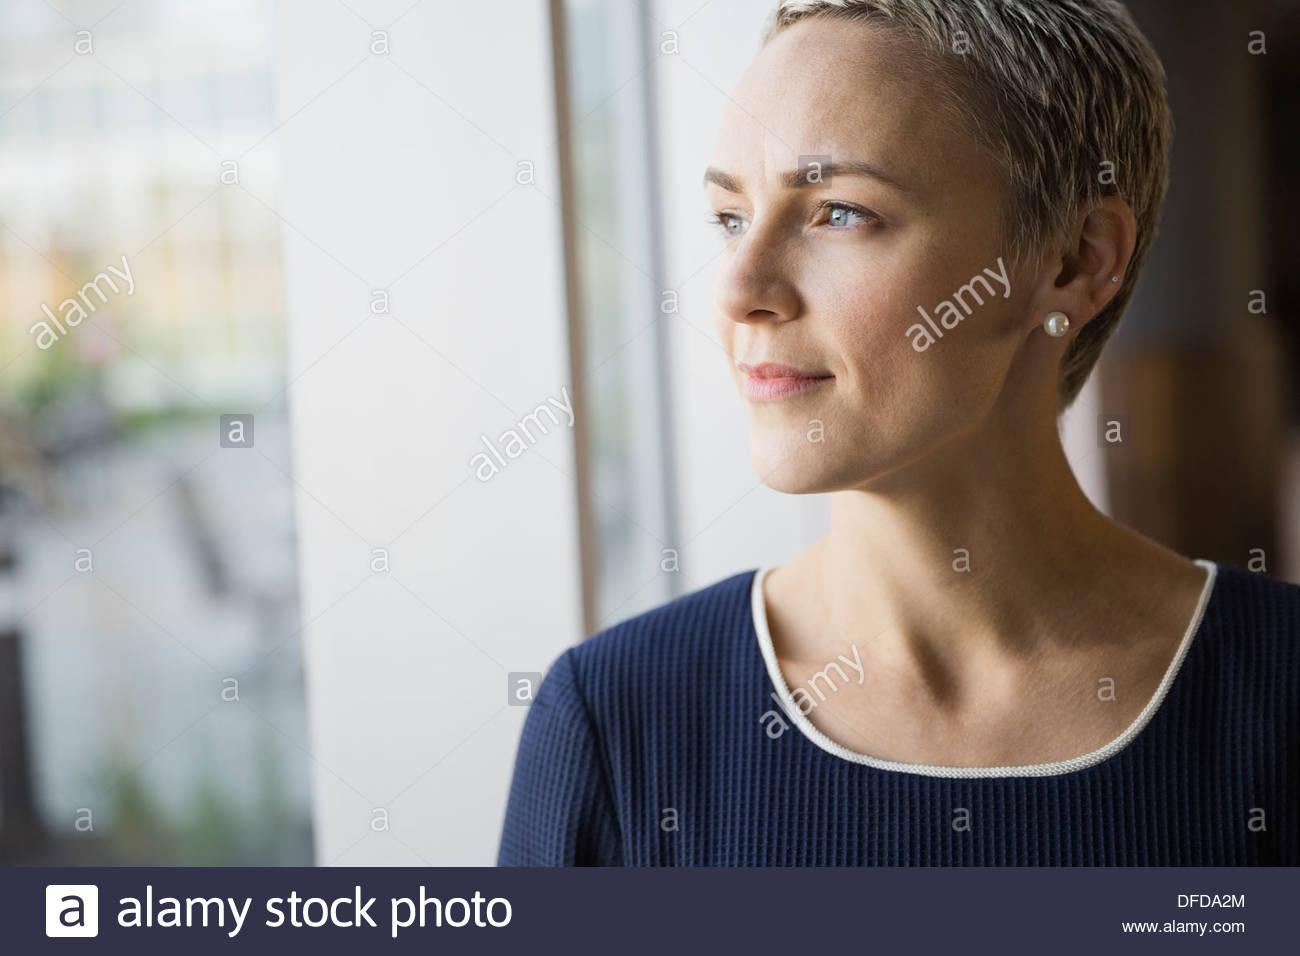 Nachdenklich Geschäftsfrau aus Fenster im Hotelzimmer Stockbild